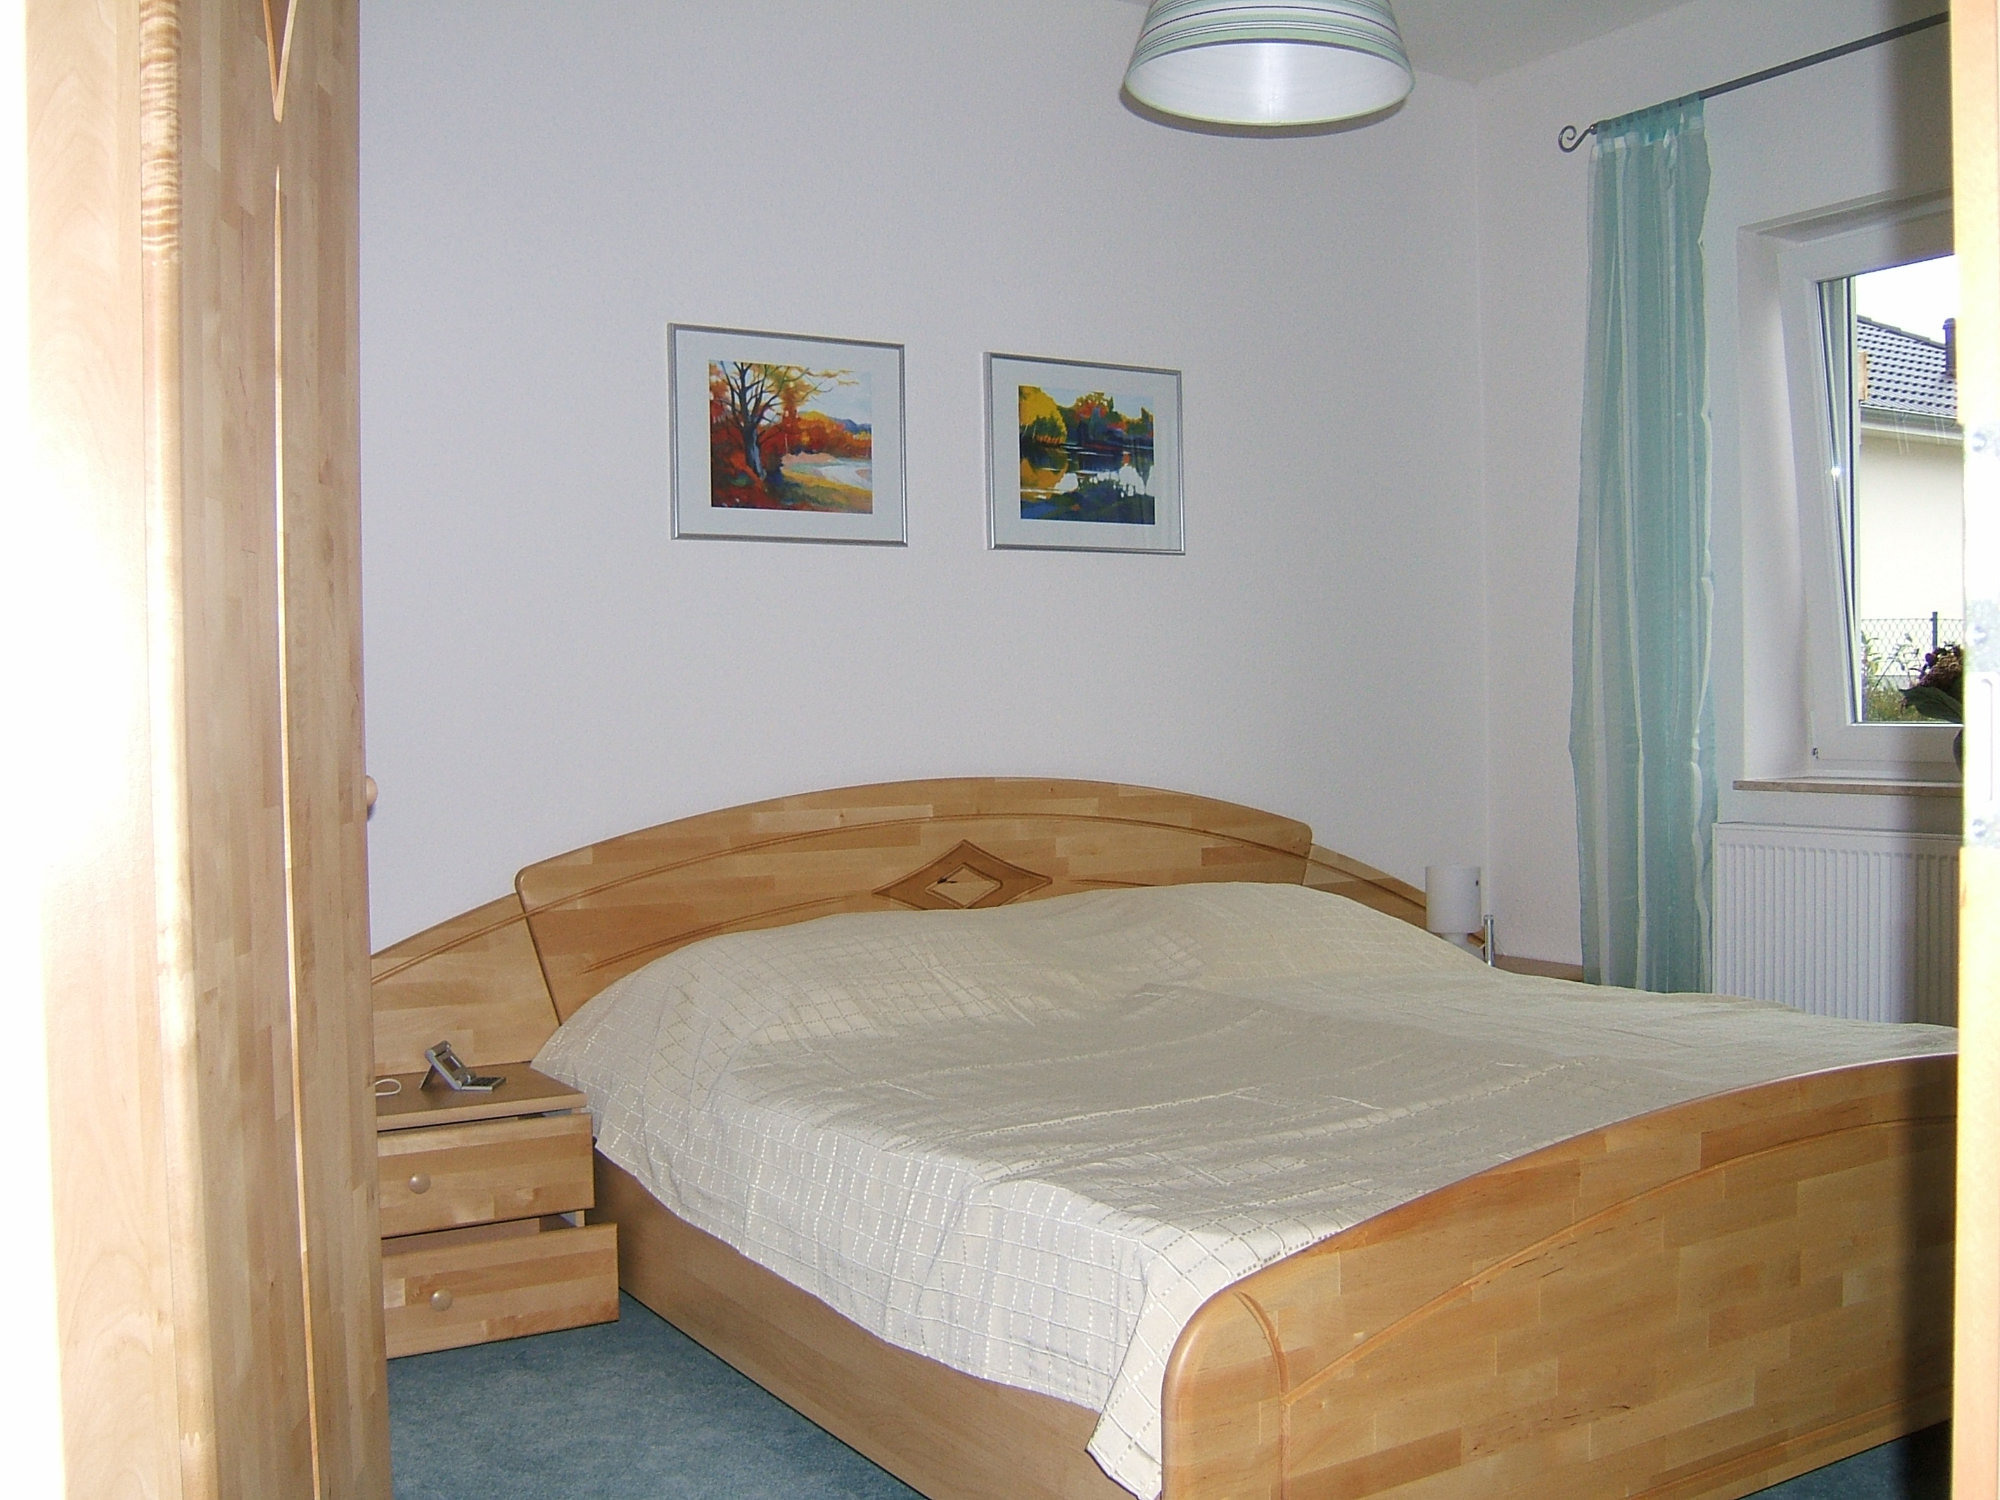 Ferienhaus Weinert Wischuer Ostsee Ferienwohnung